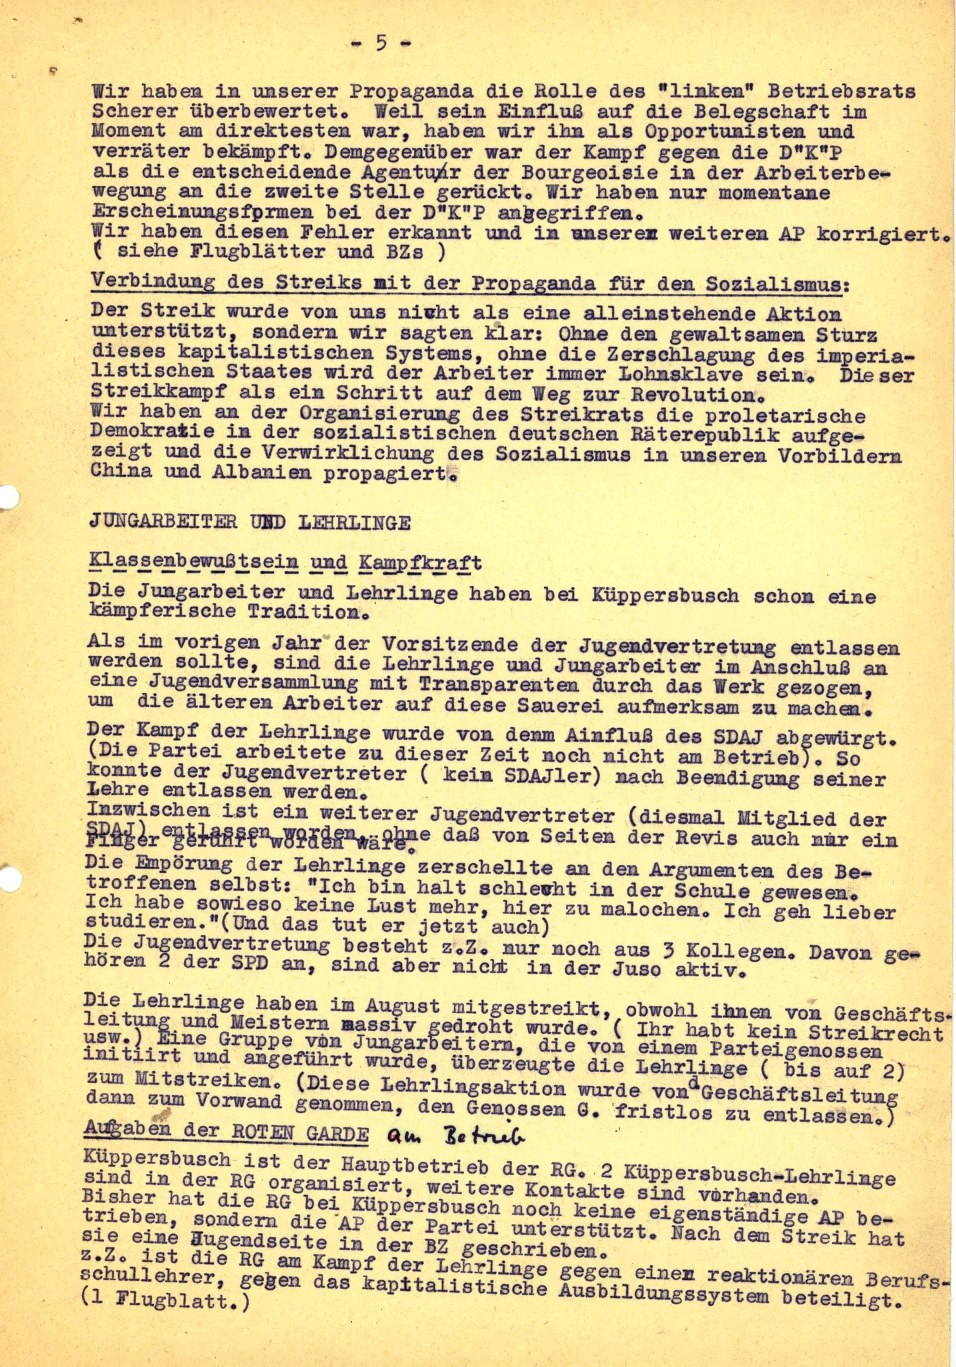 Einschaetzung_1974_05